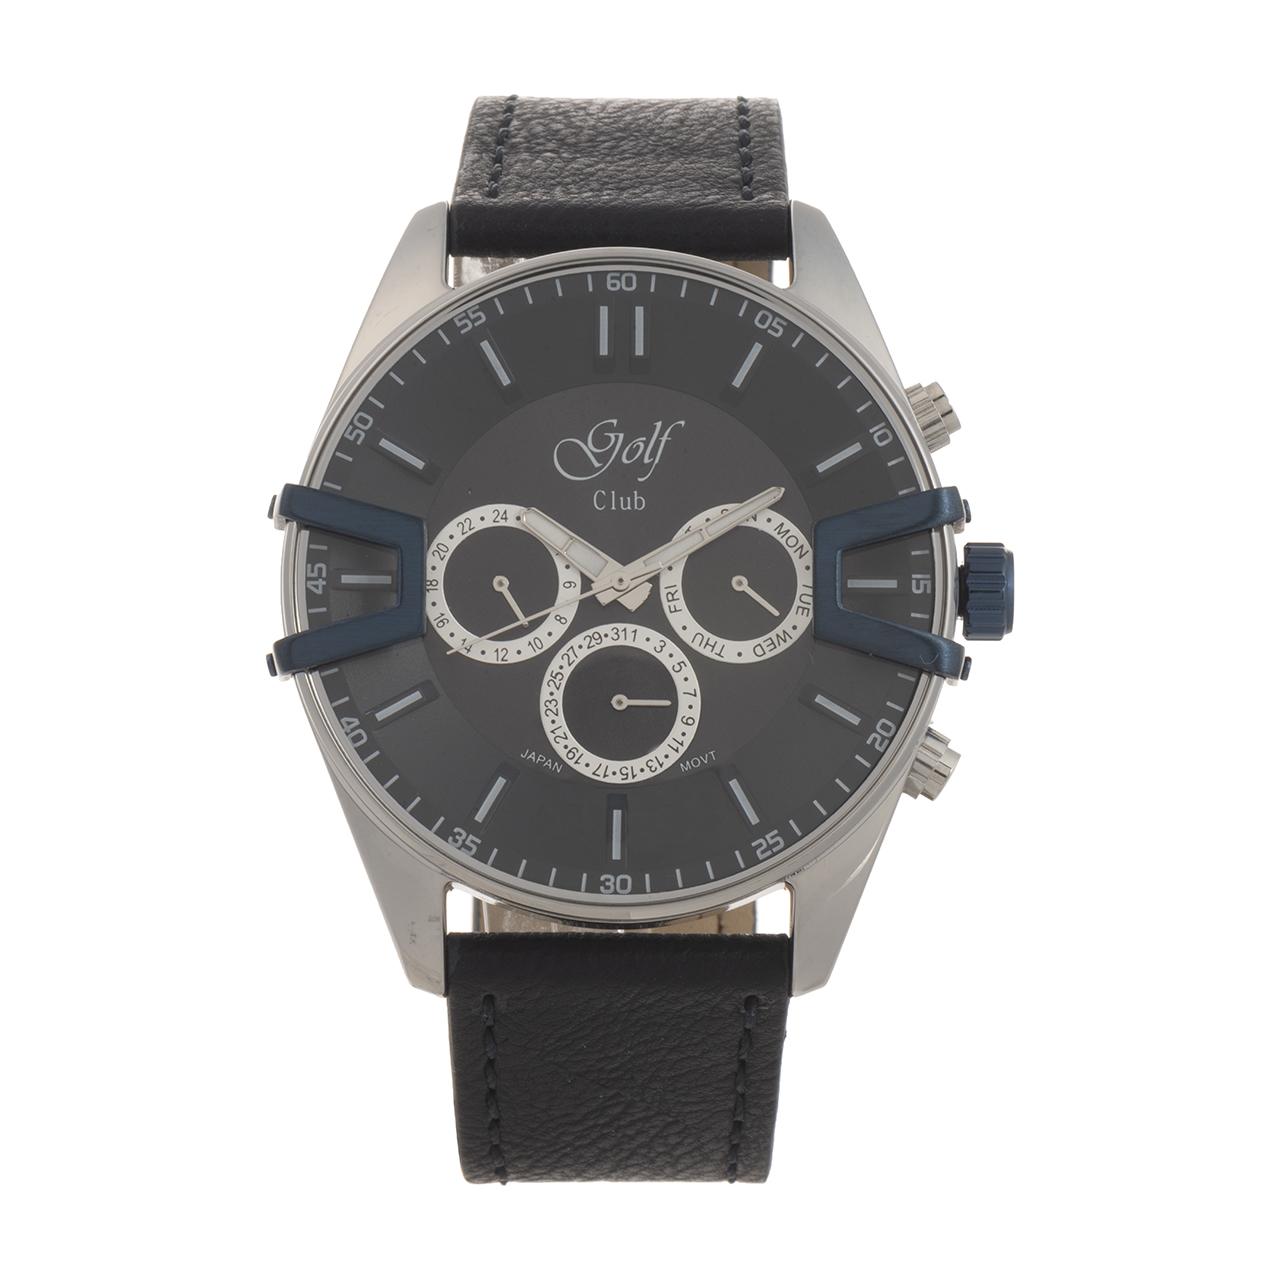 ساعت مچی عقربه ای مردانه گلف مدل 122-5